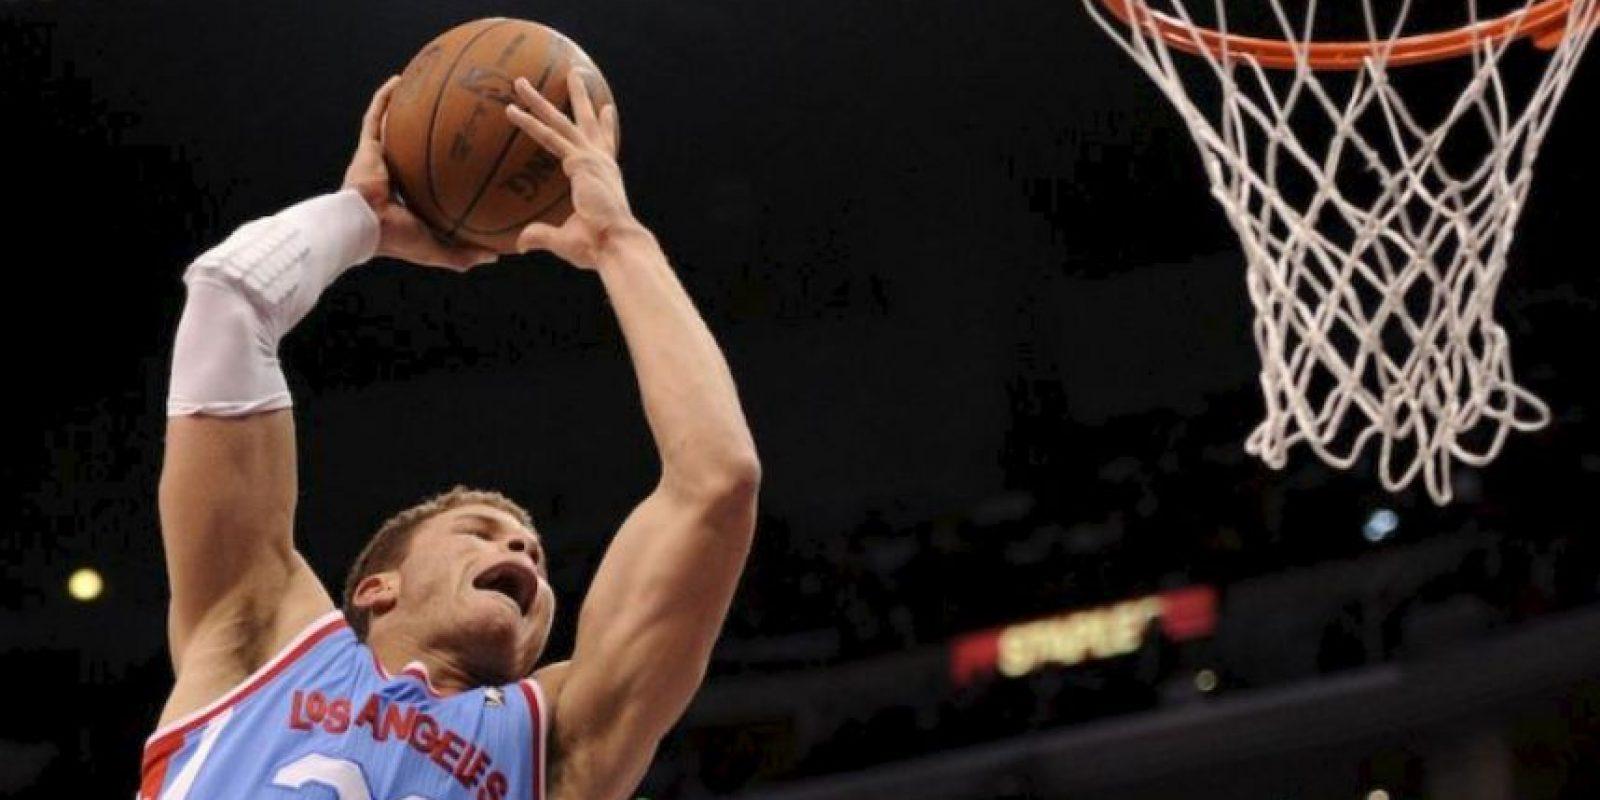 El jugador de los Clippers de Los Ángeles se molestó porque el aficionado no paraba de tomarle fotos Foto:Getty